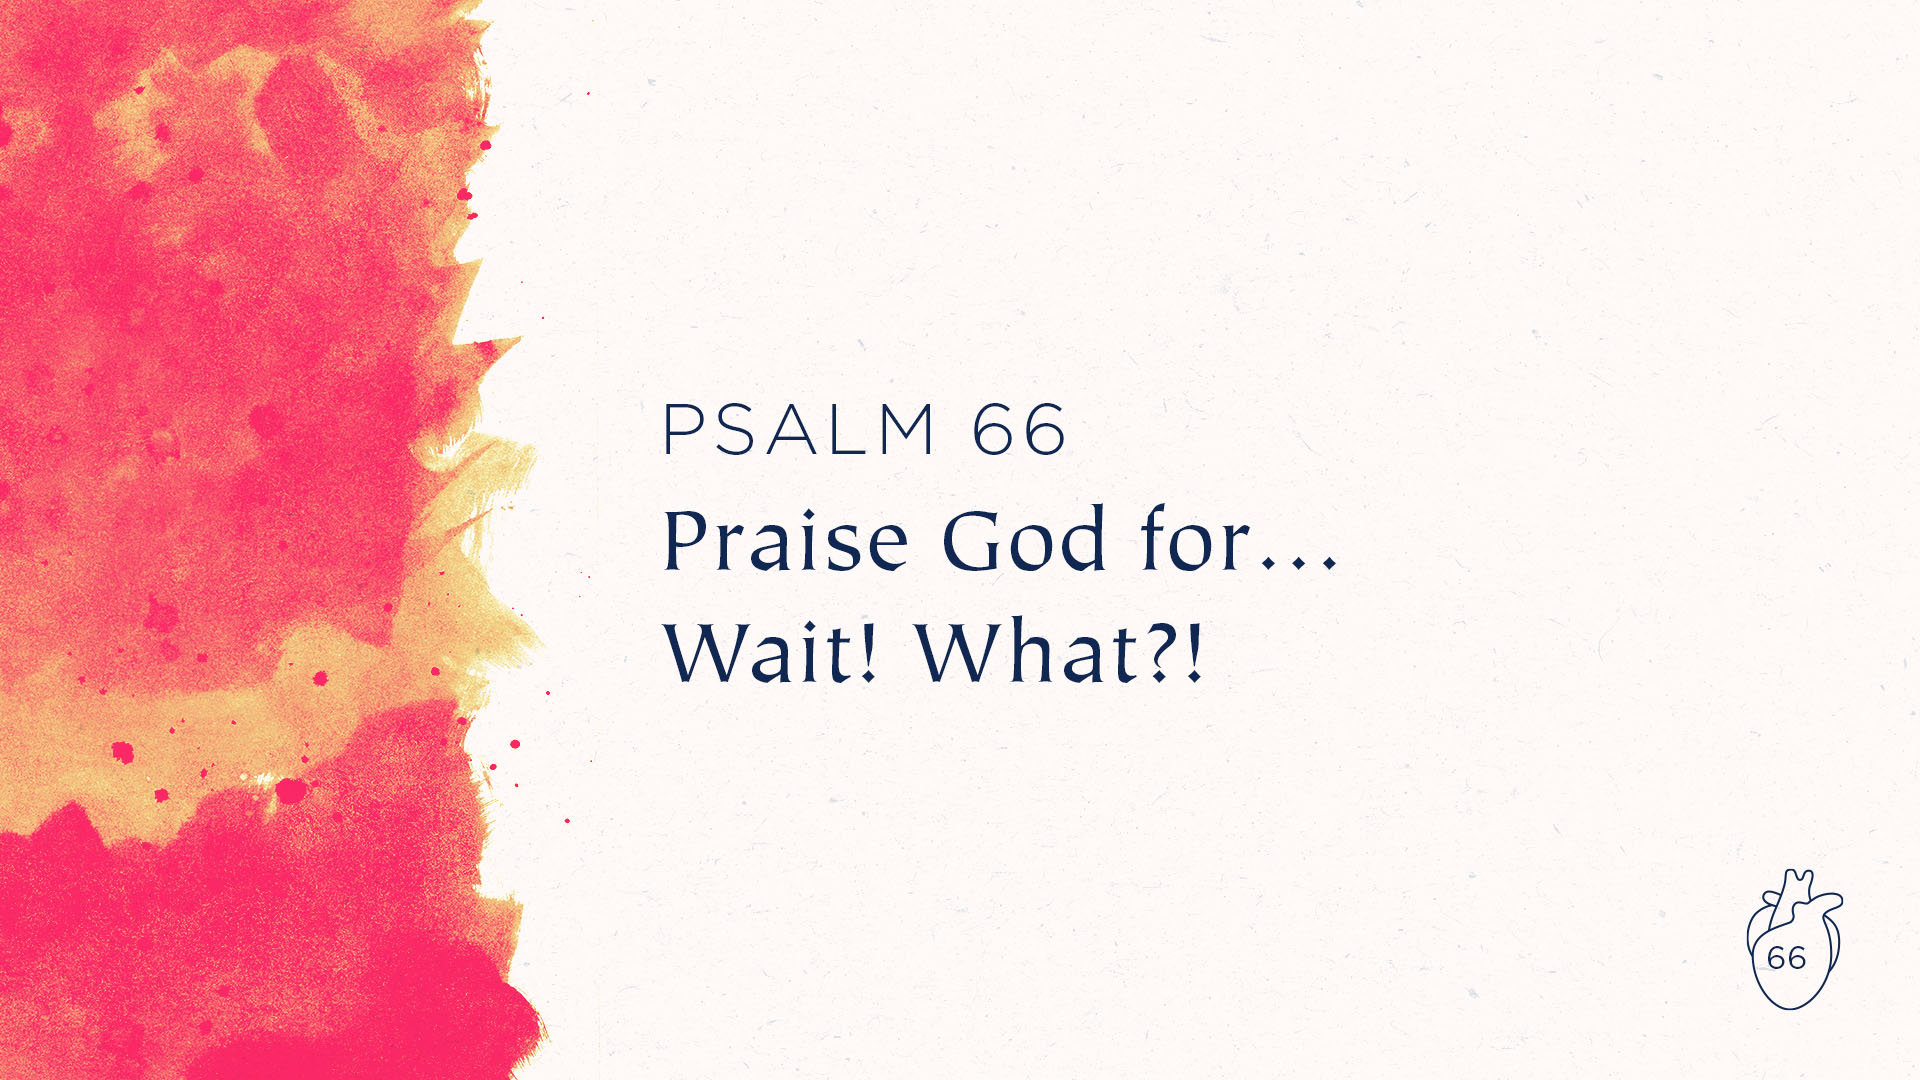 Praise God for…Wait! What?!